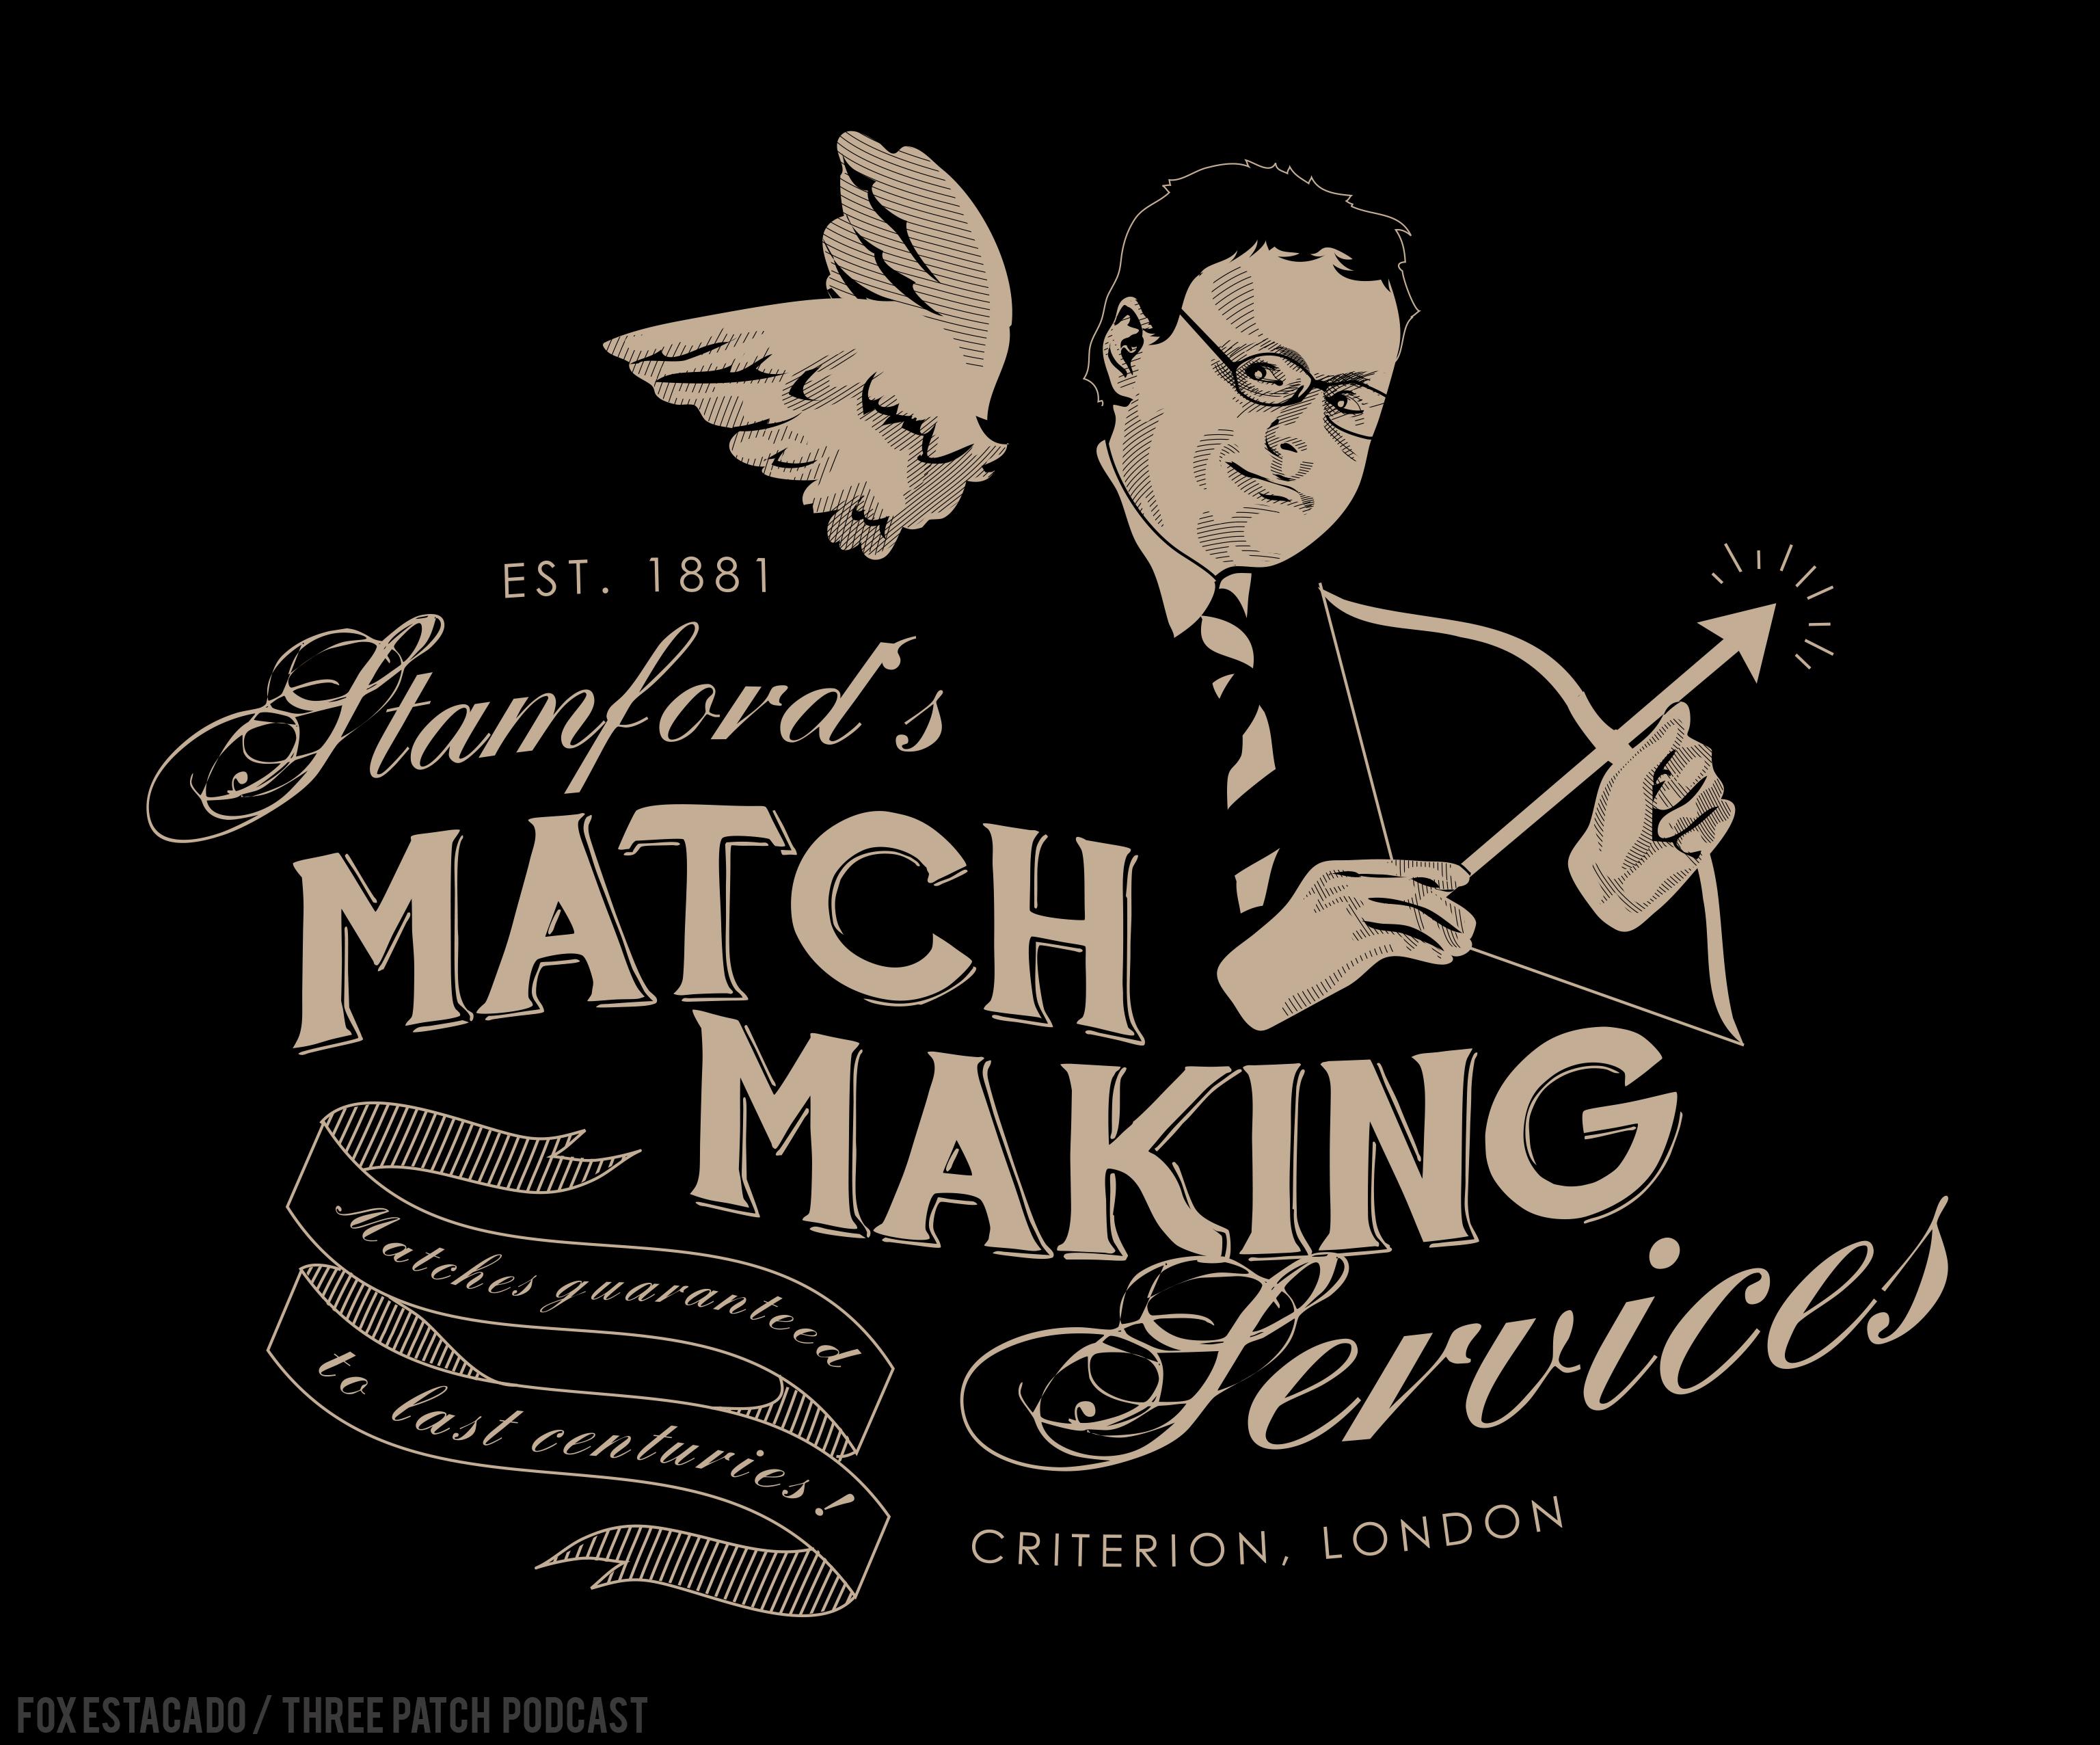 Start a matchmaking company